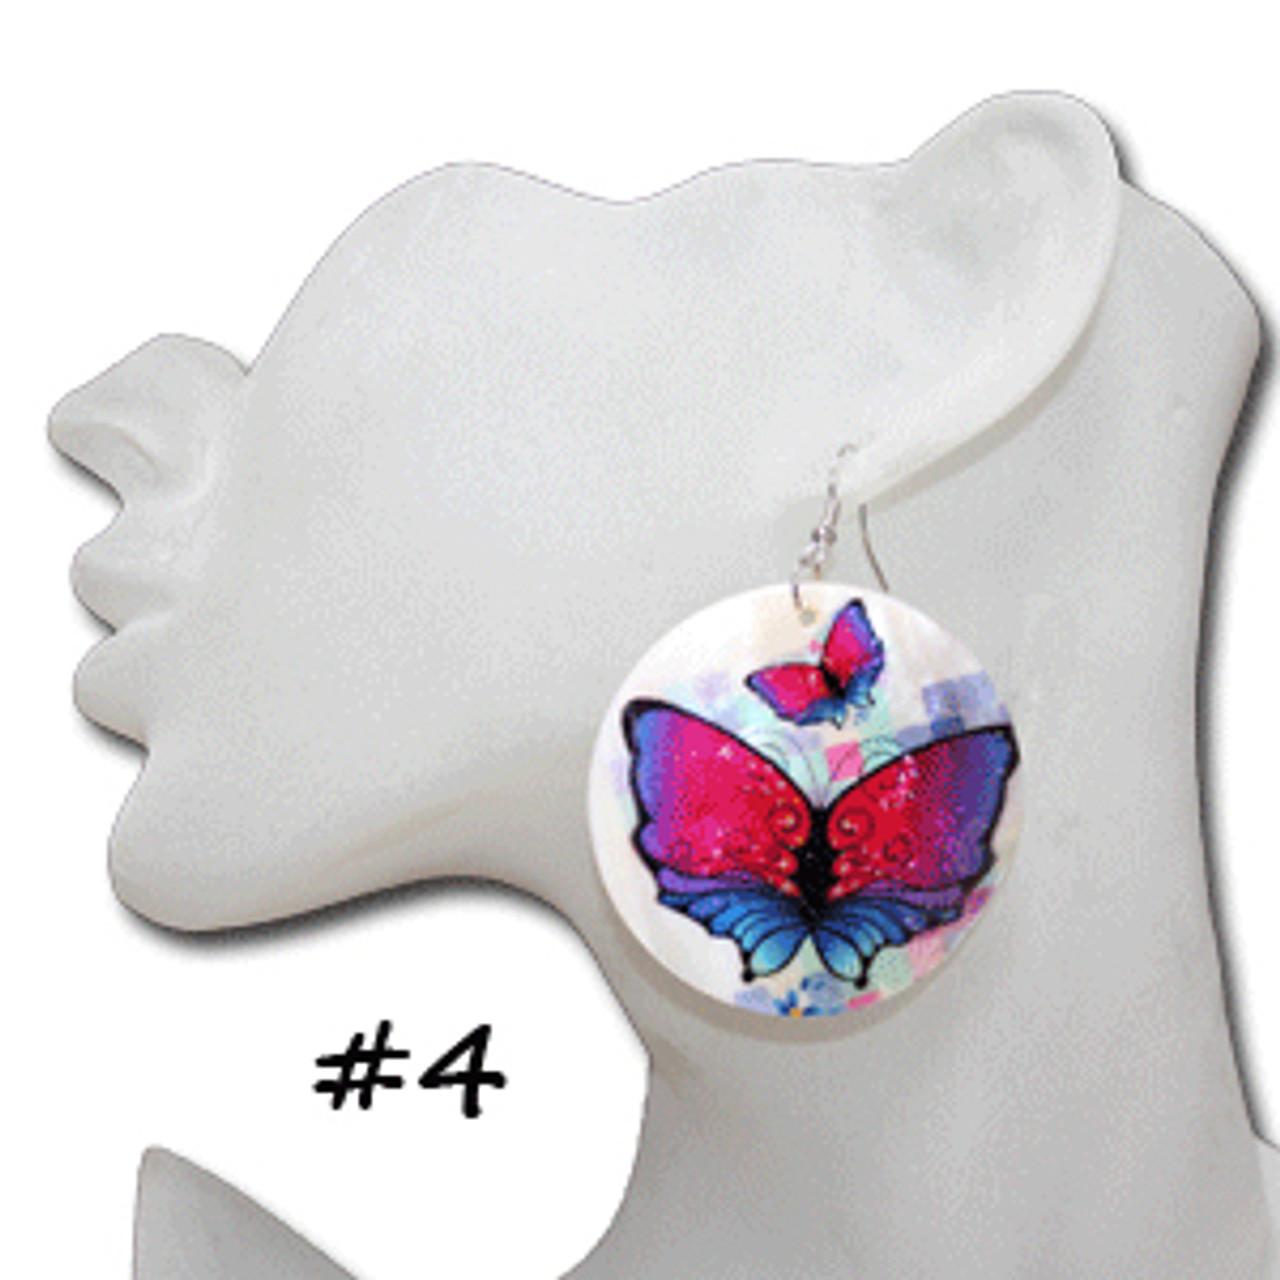 Butterflies on shell earrings